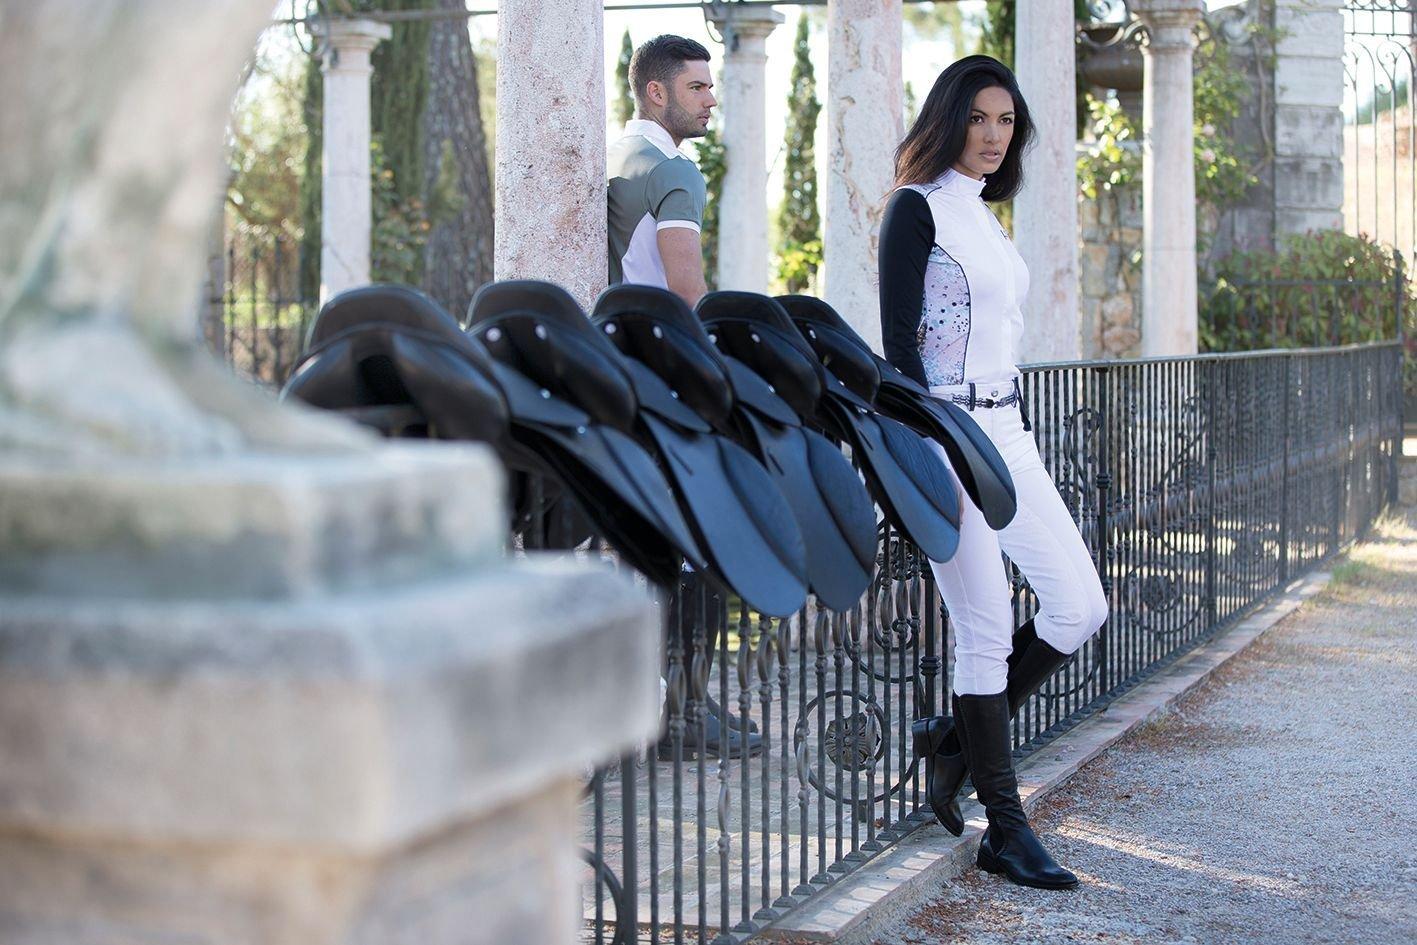 全国総量無料で HorsewareプラチナDiana Competitionシャツ B0120KWGKY – レディース レディース B0120KWGKY ホワイト ホワイト Small, 値段が激安:fcdf92b1 --- pangulfvalves.com